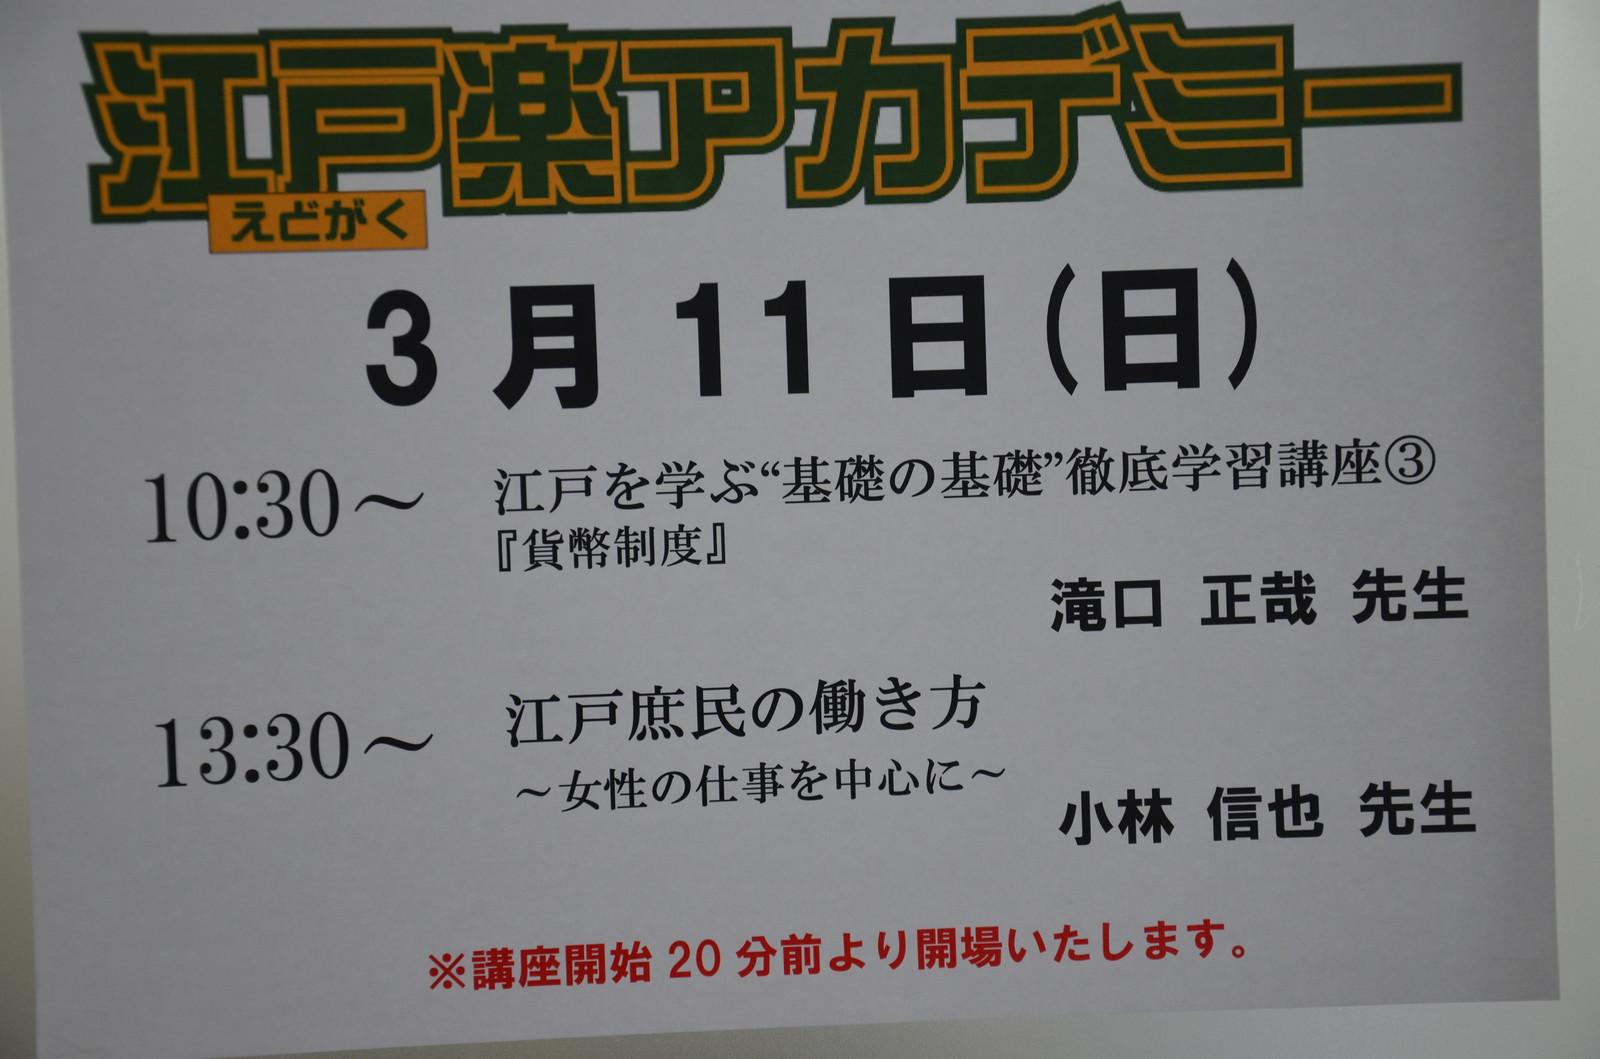 江戸楽アカデミーに出講しました...